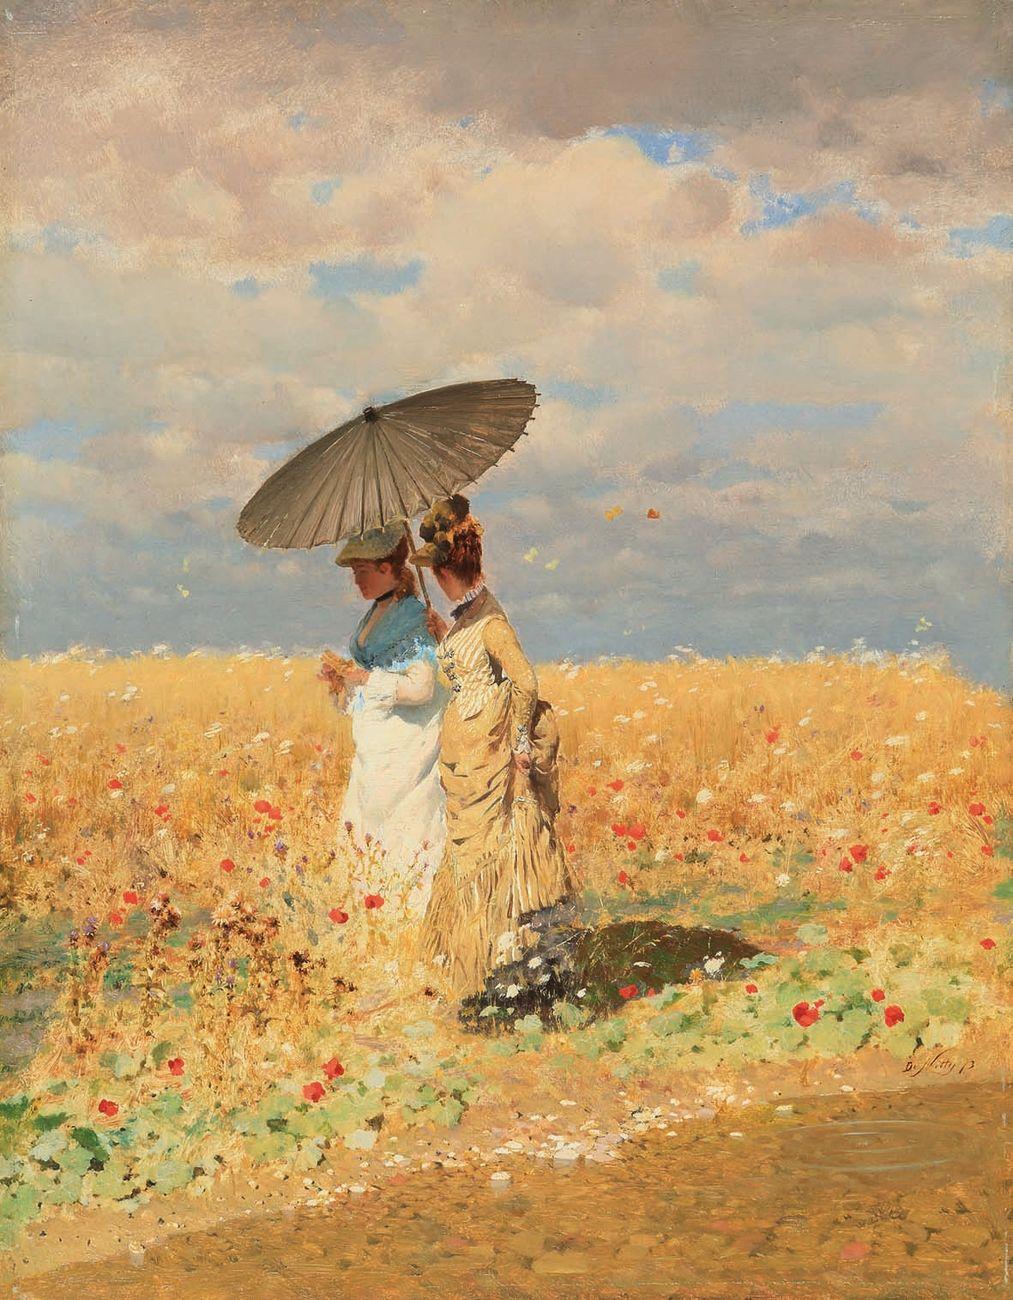 Giuseppe De Nittis, Nel grano, 1873, olio su tela, cm 33 x 25. Collezione privata